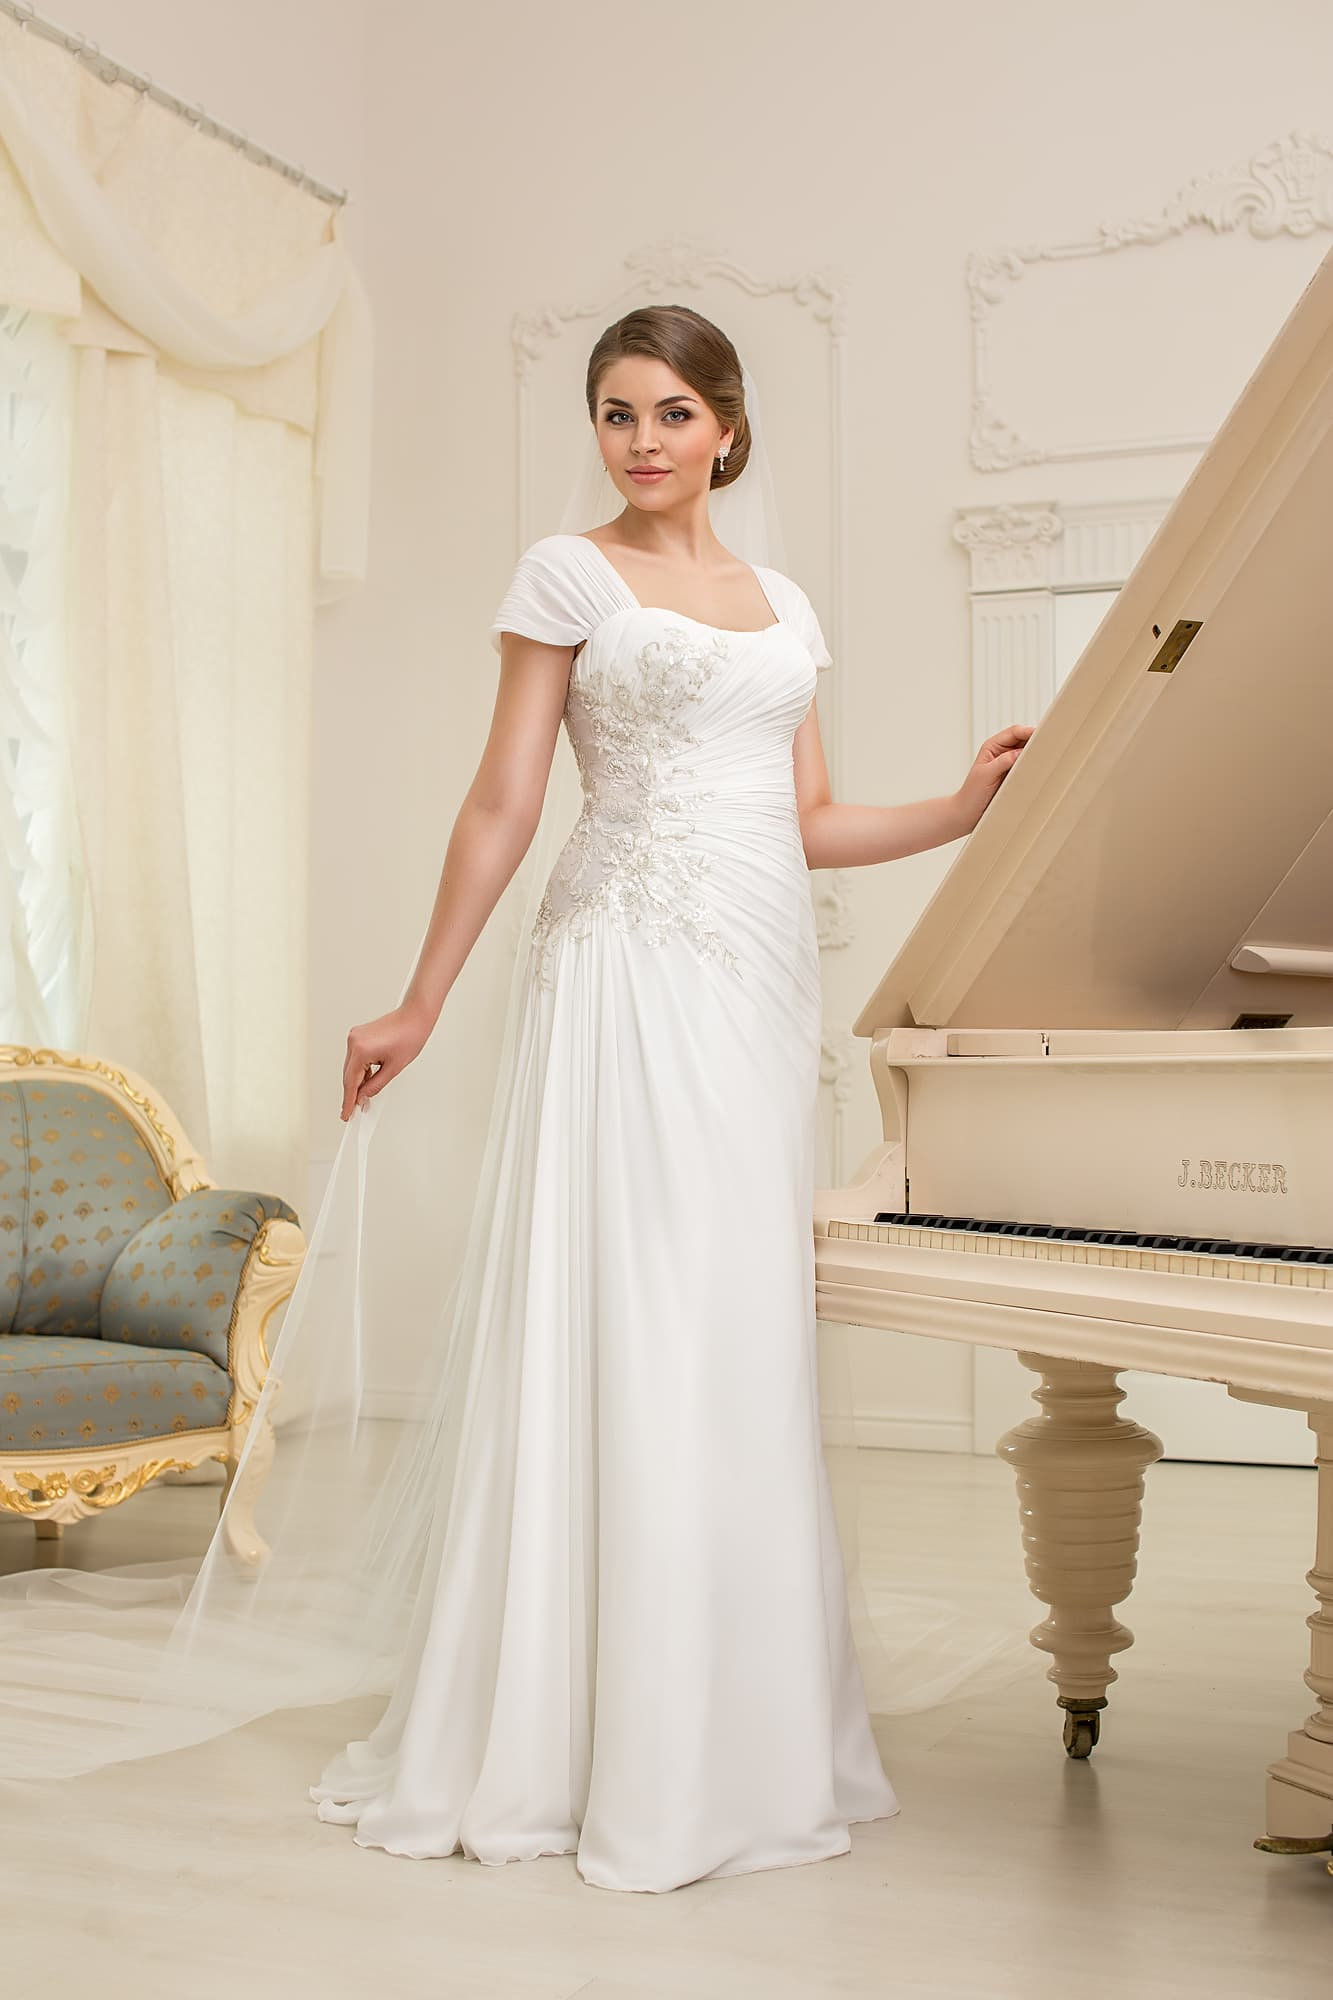 e797742859a610d Романтичное свадебное платье с короткими рукавами и драпировками,  облегающее фигуру прямым кроем.